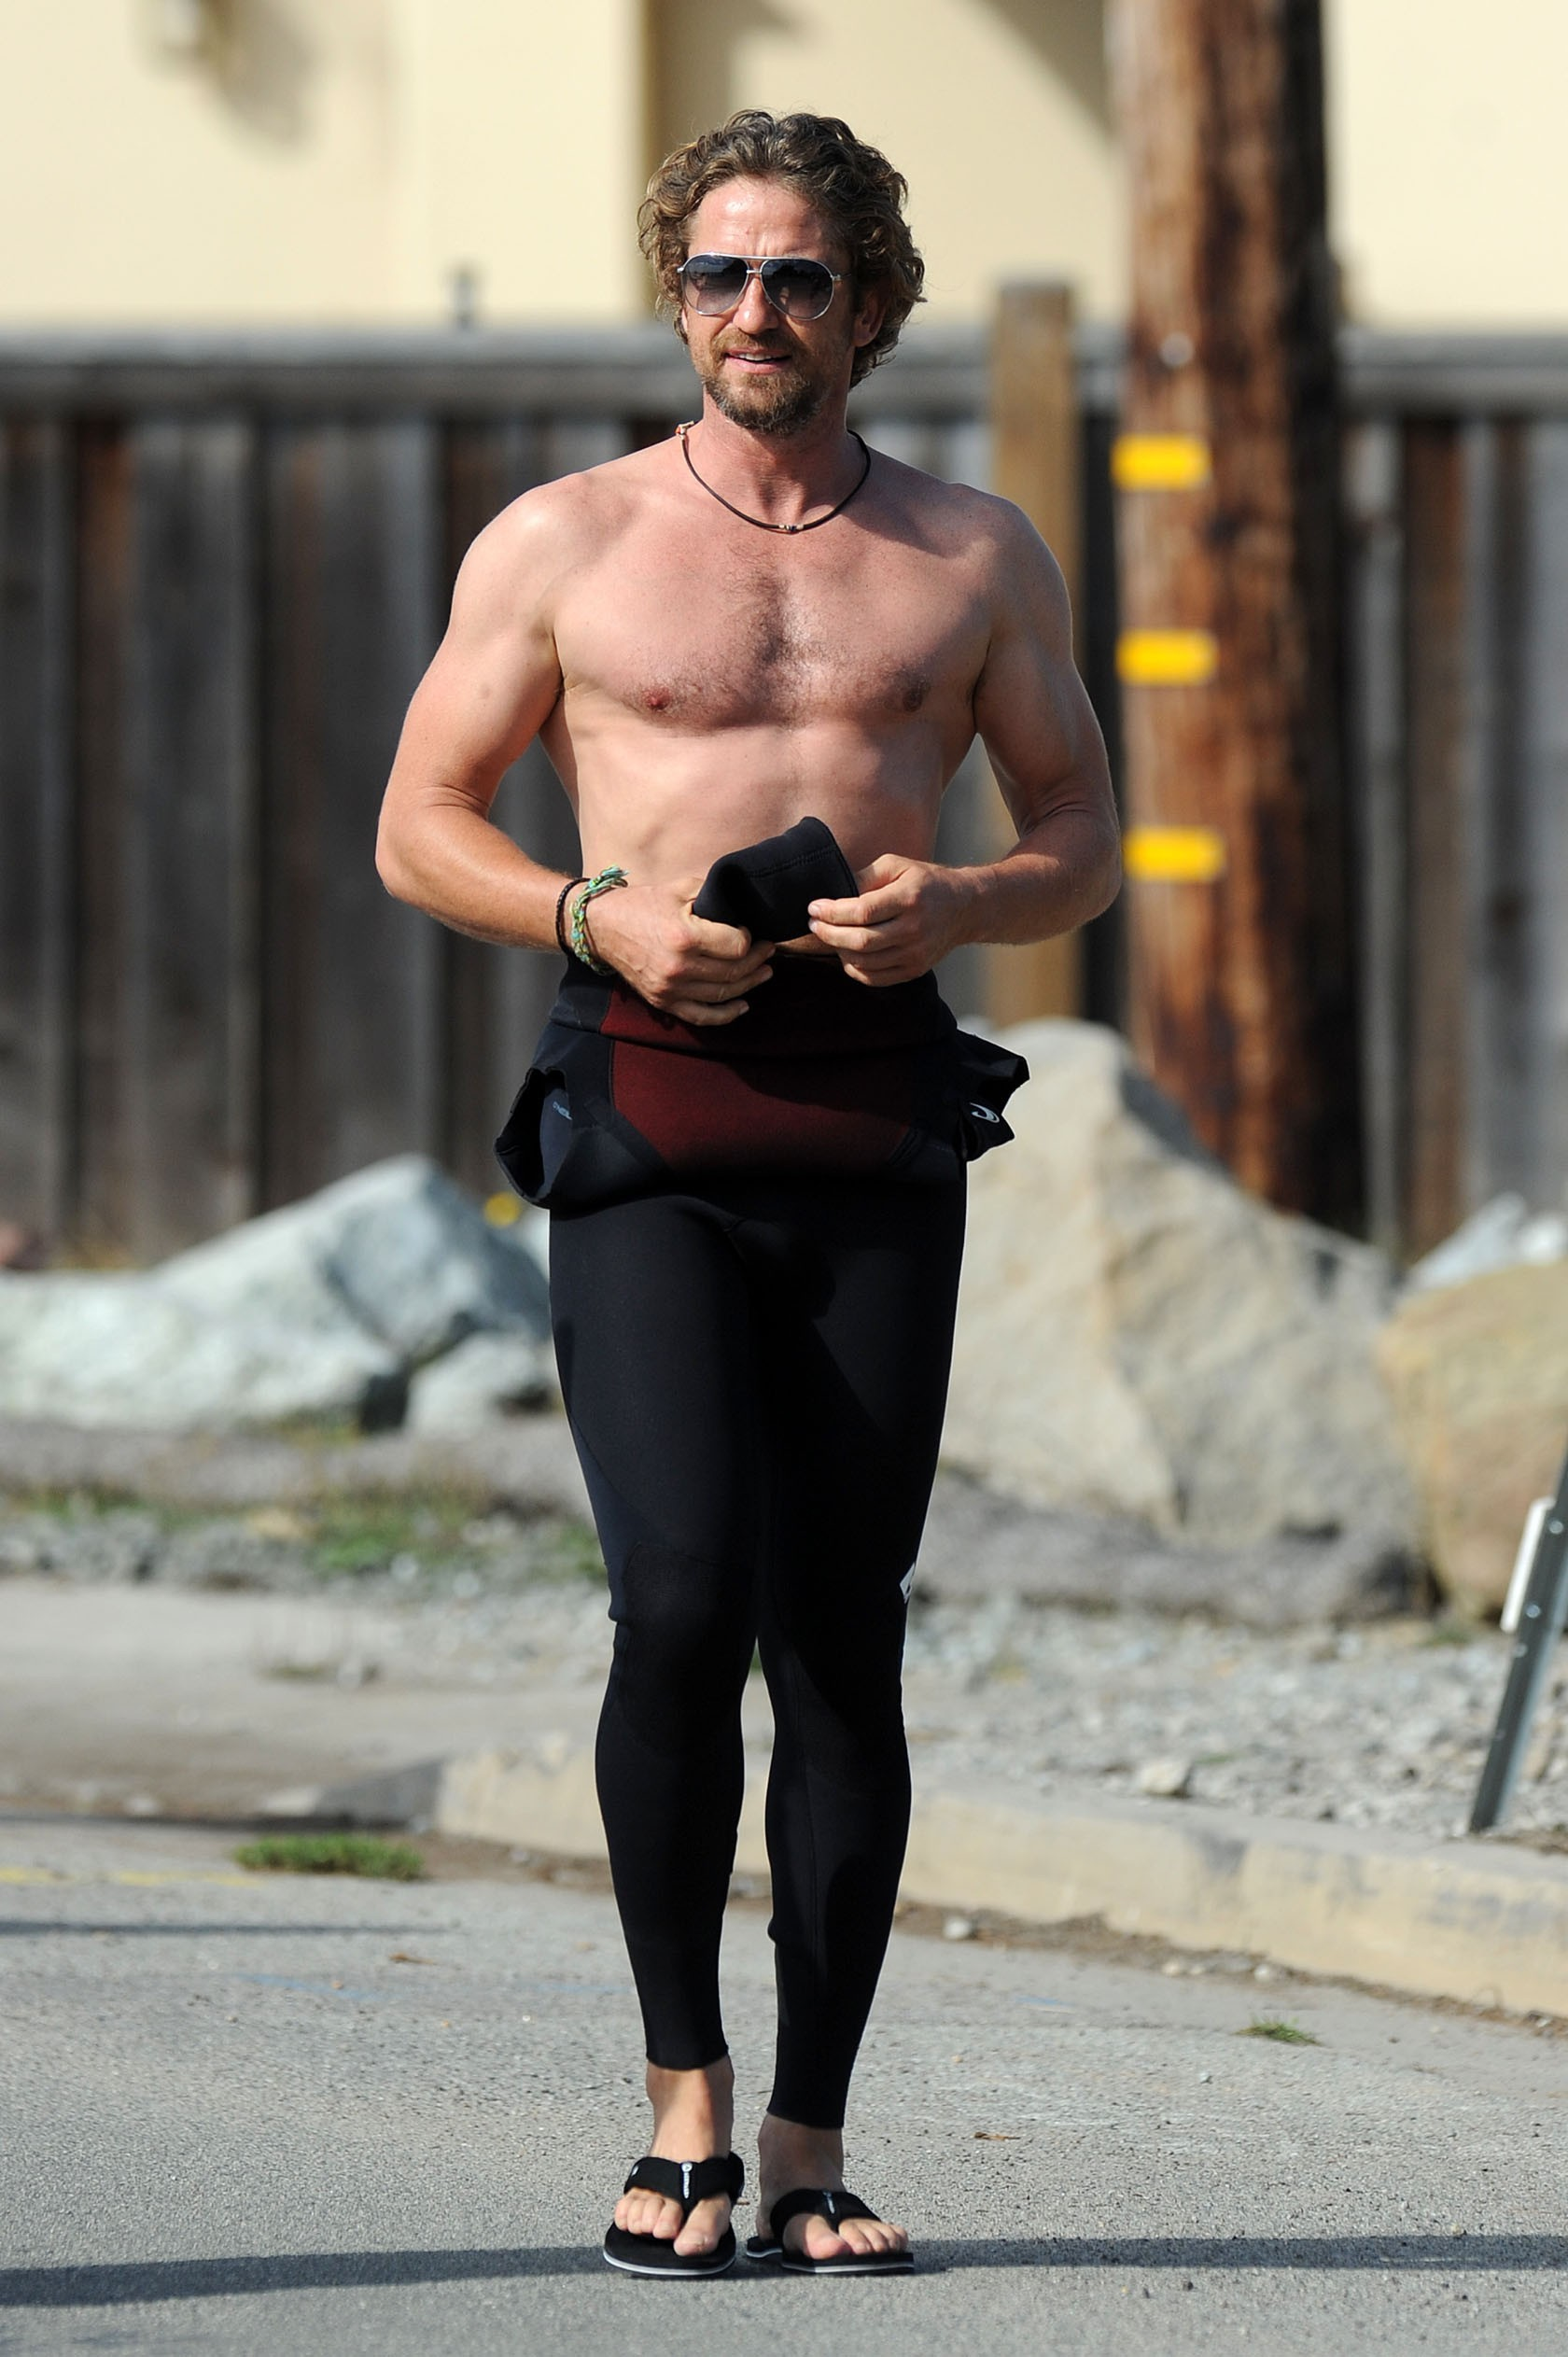 Hugh Jackman Gerard Butler shirtless